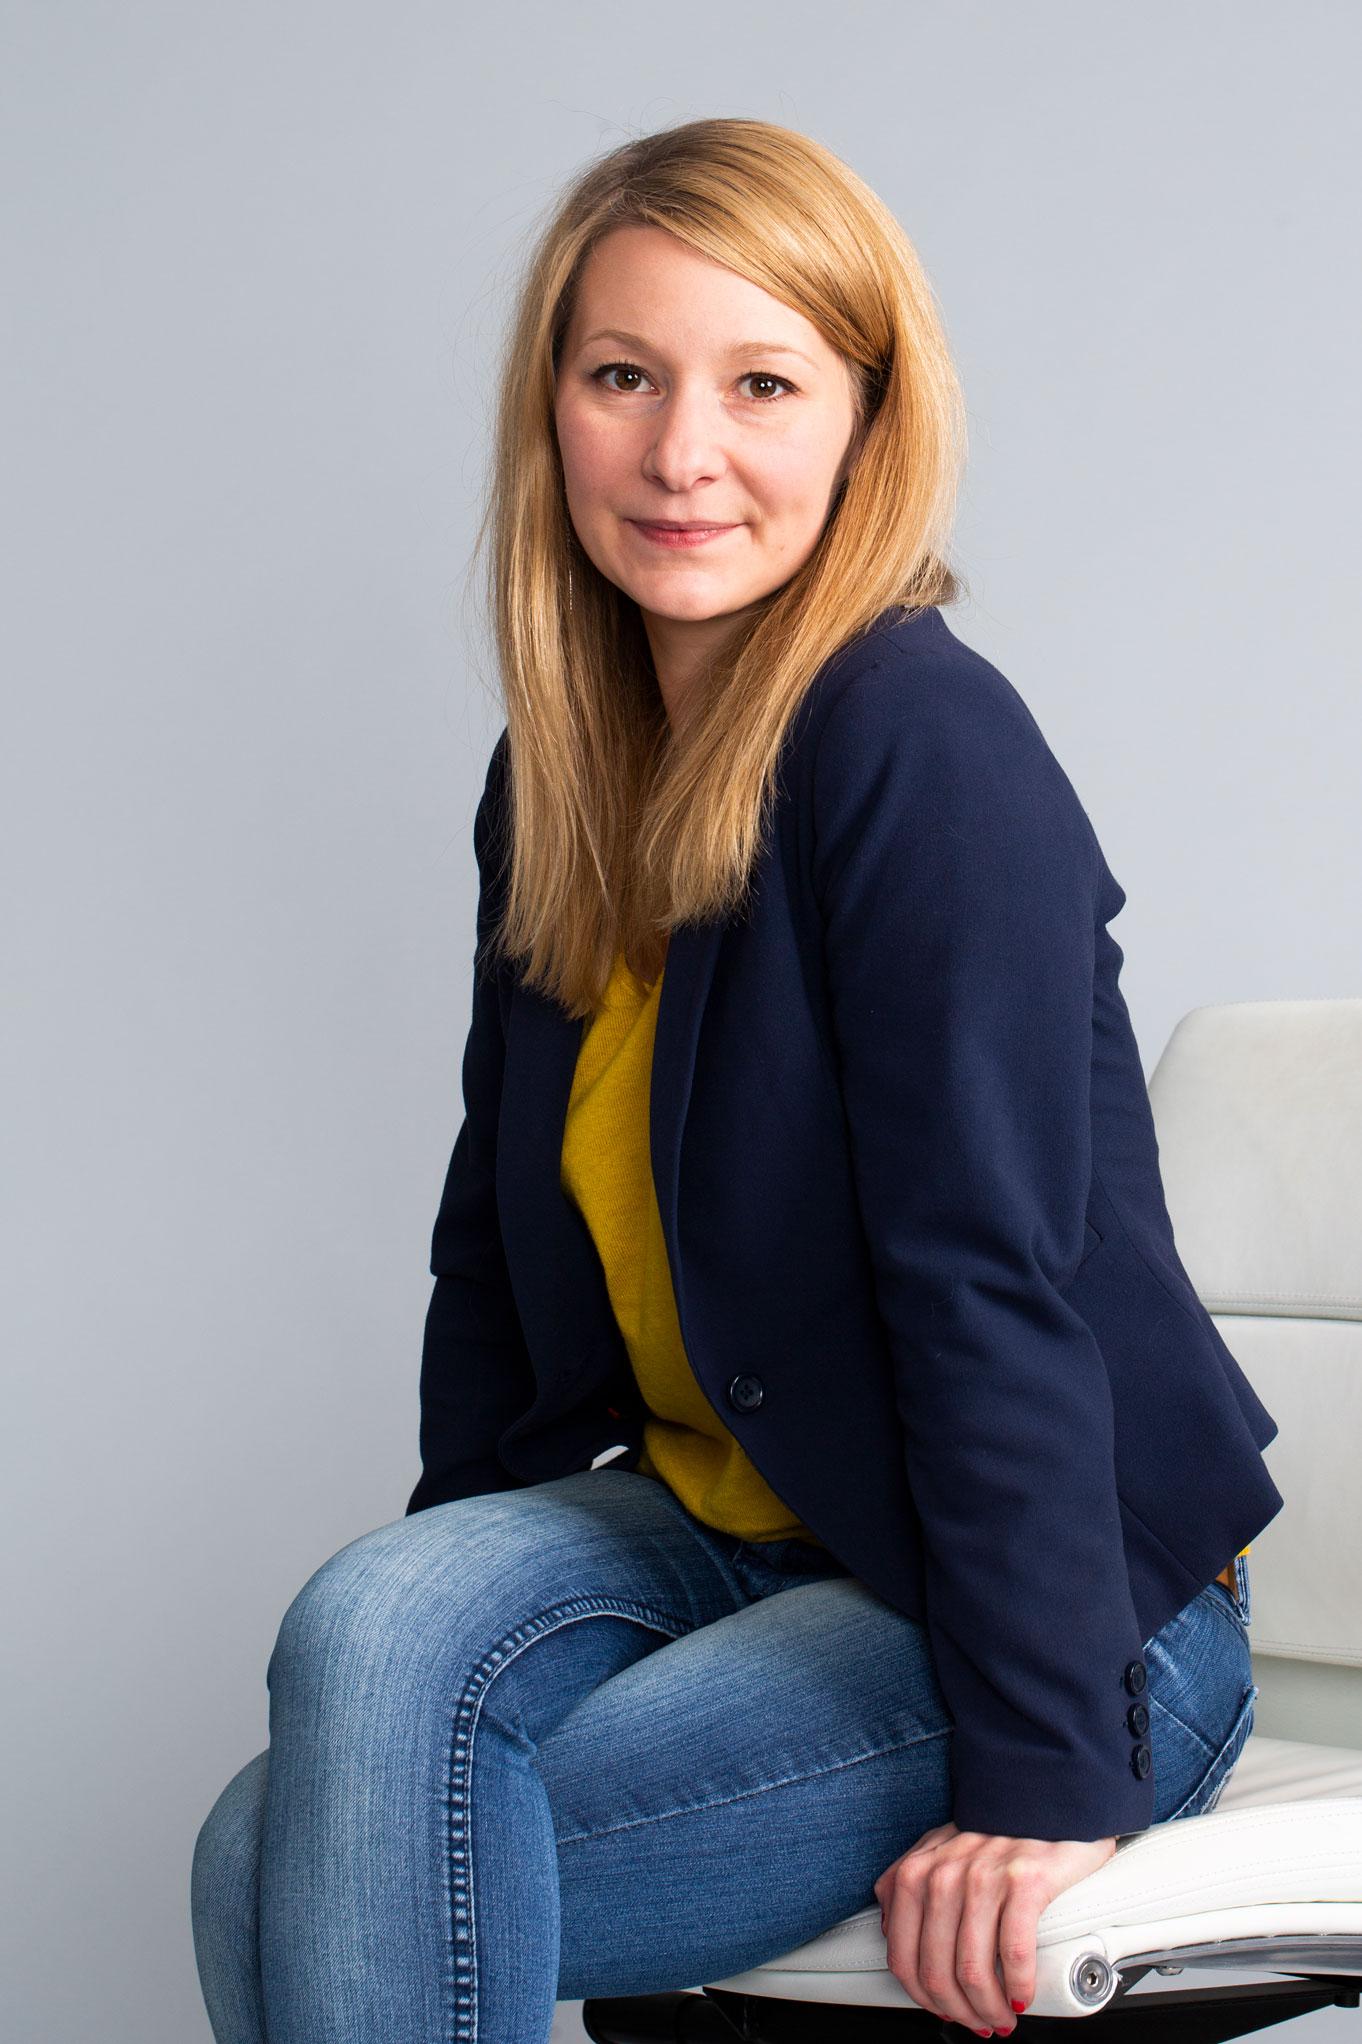 Medipsy-portrait-Magdalena-Burba